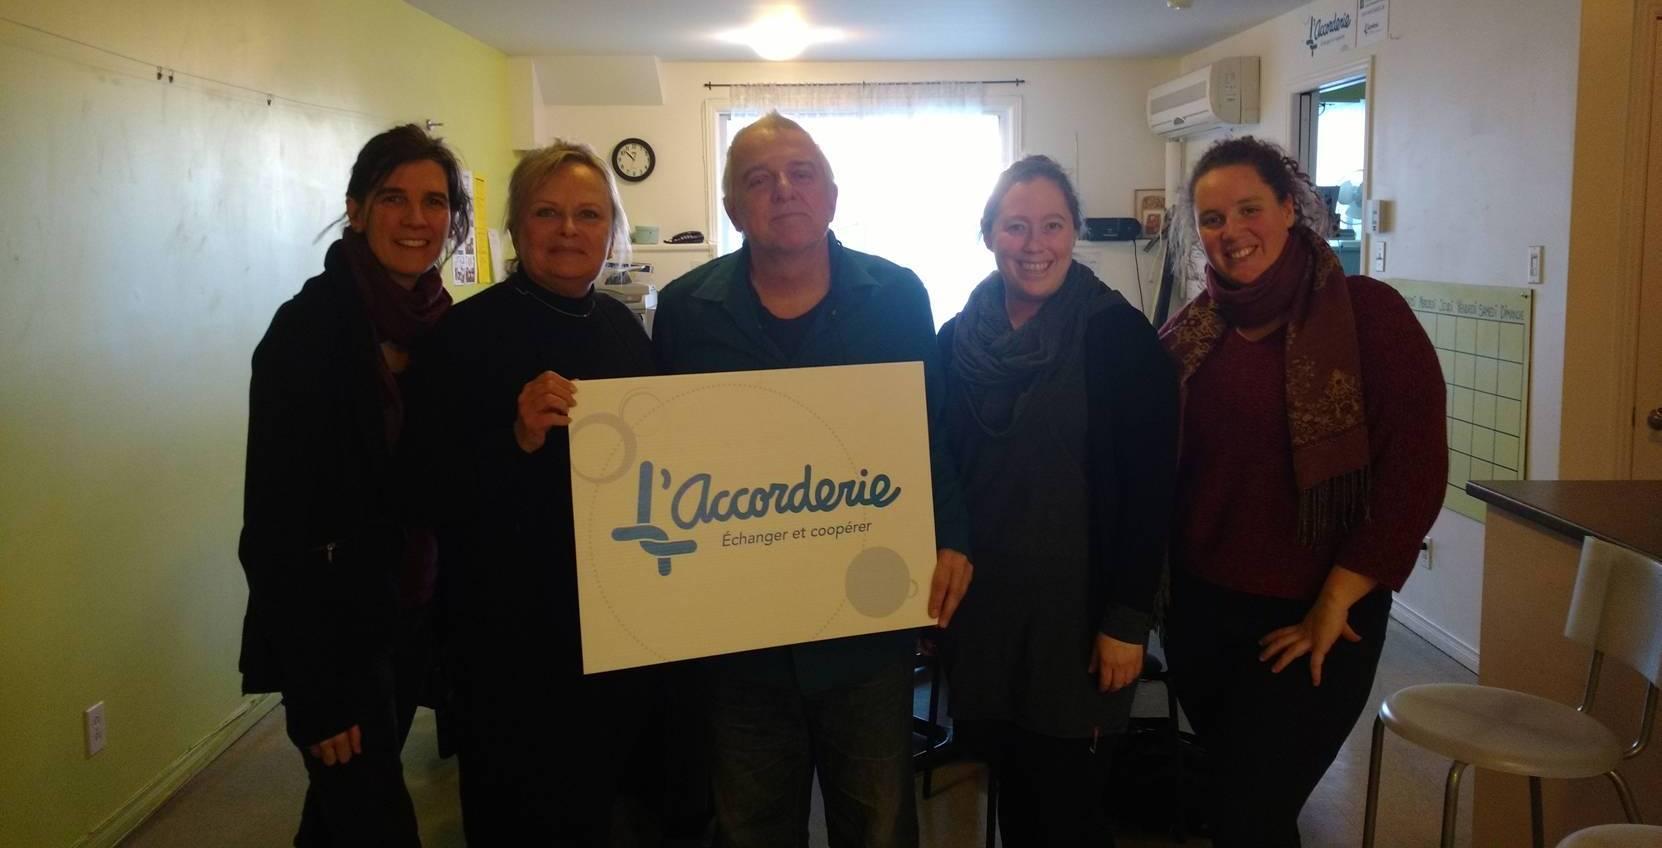 L'Accorderie, un projet social et solidaire né au Québec, qui se propage en France